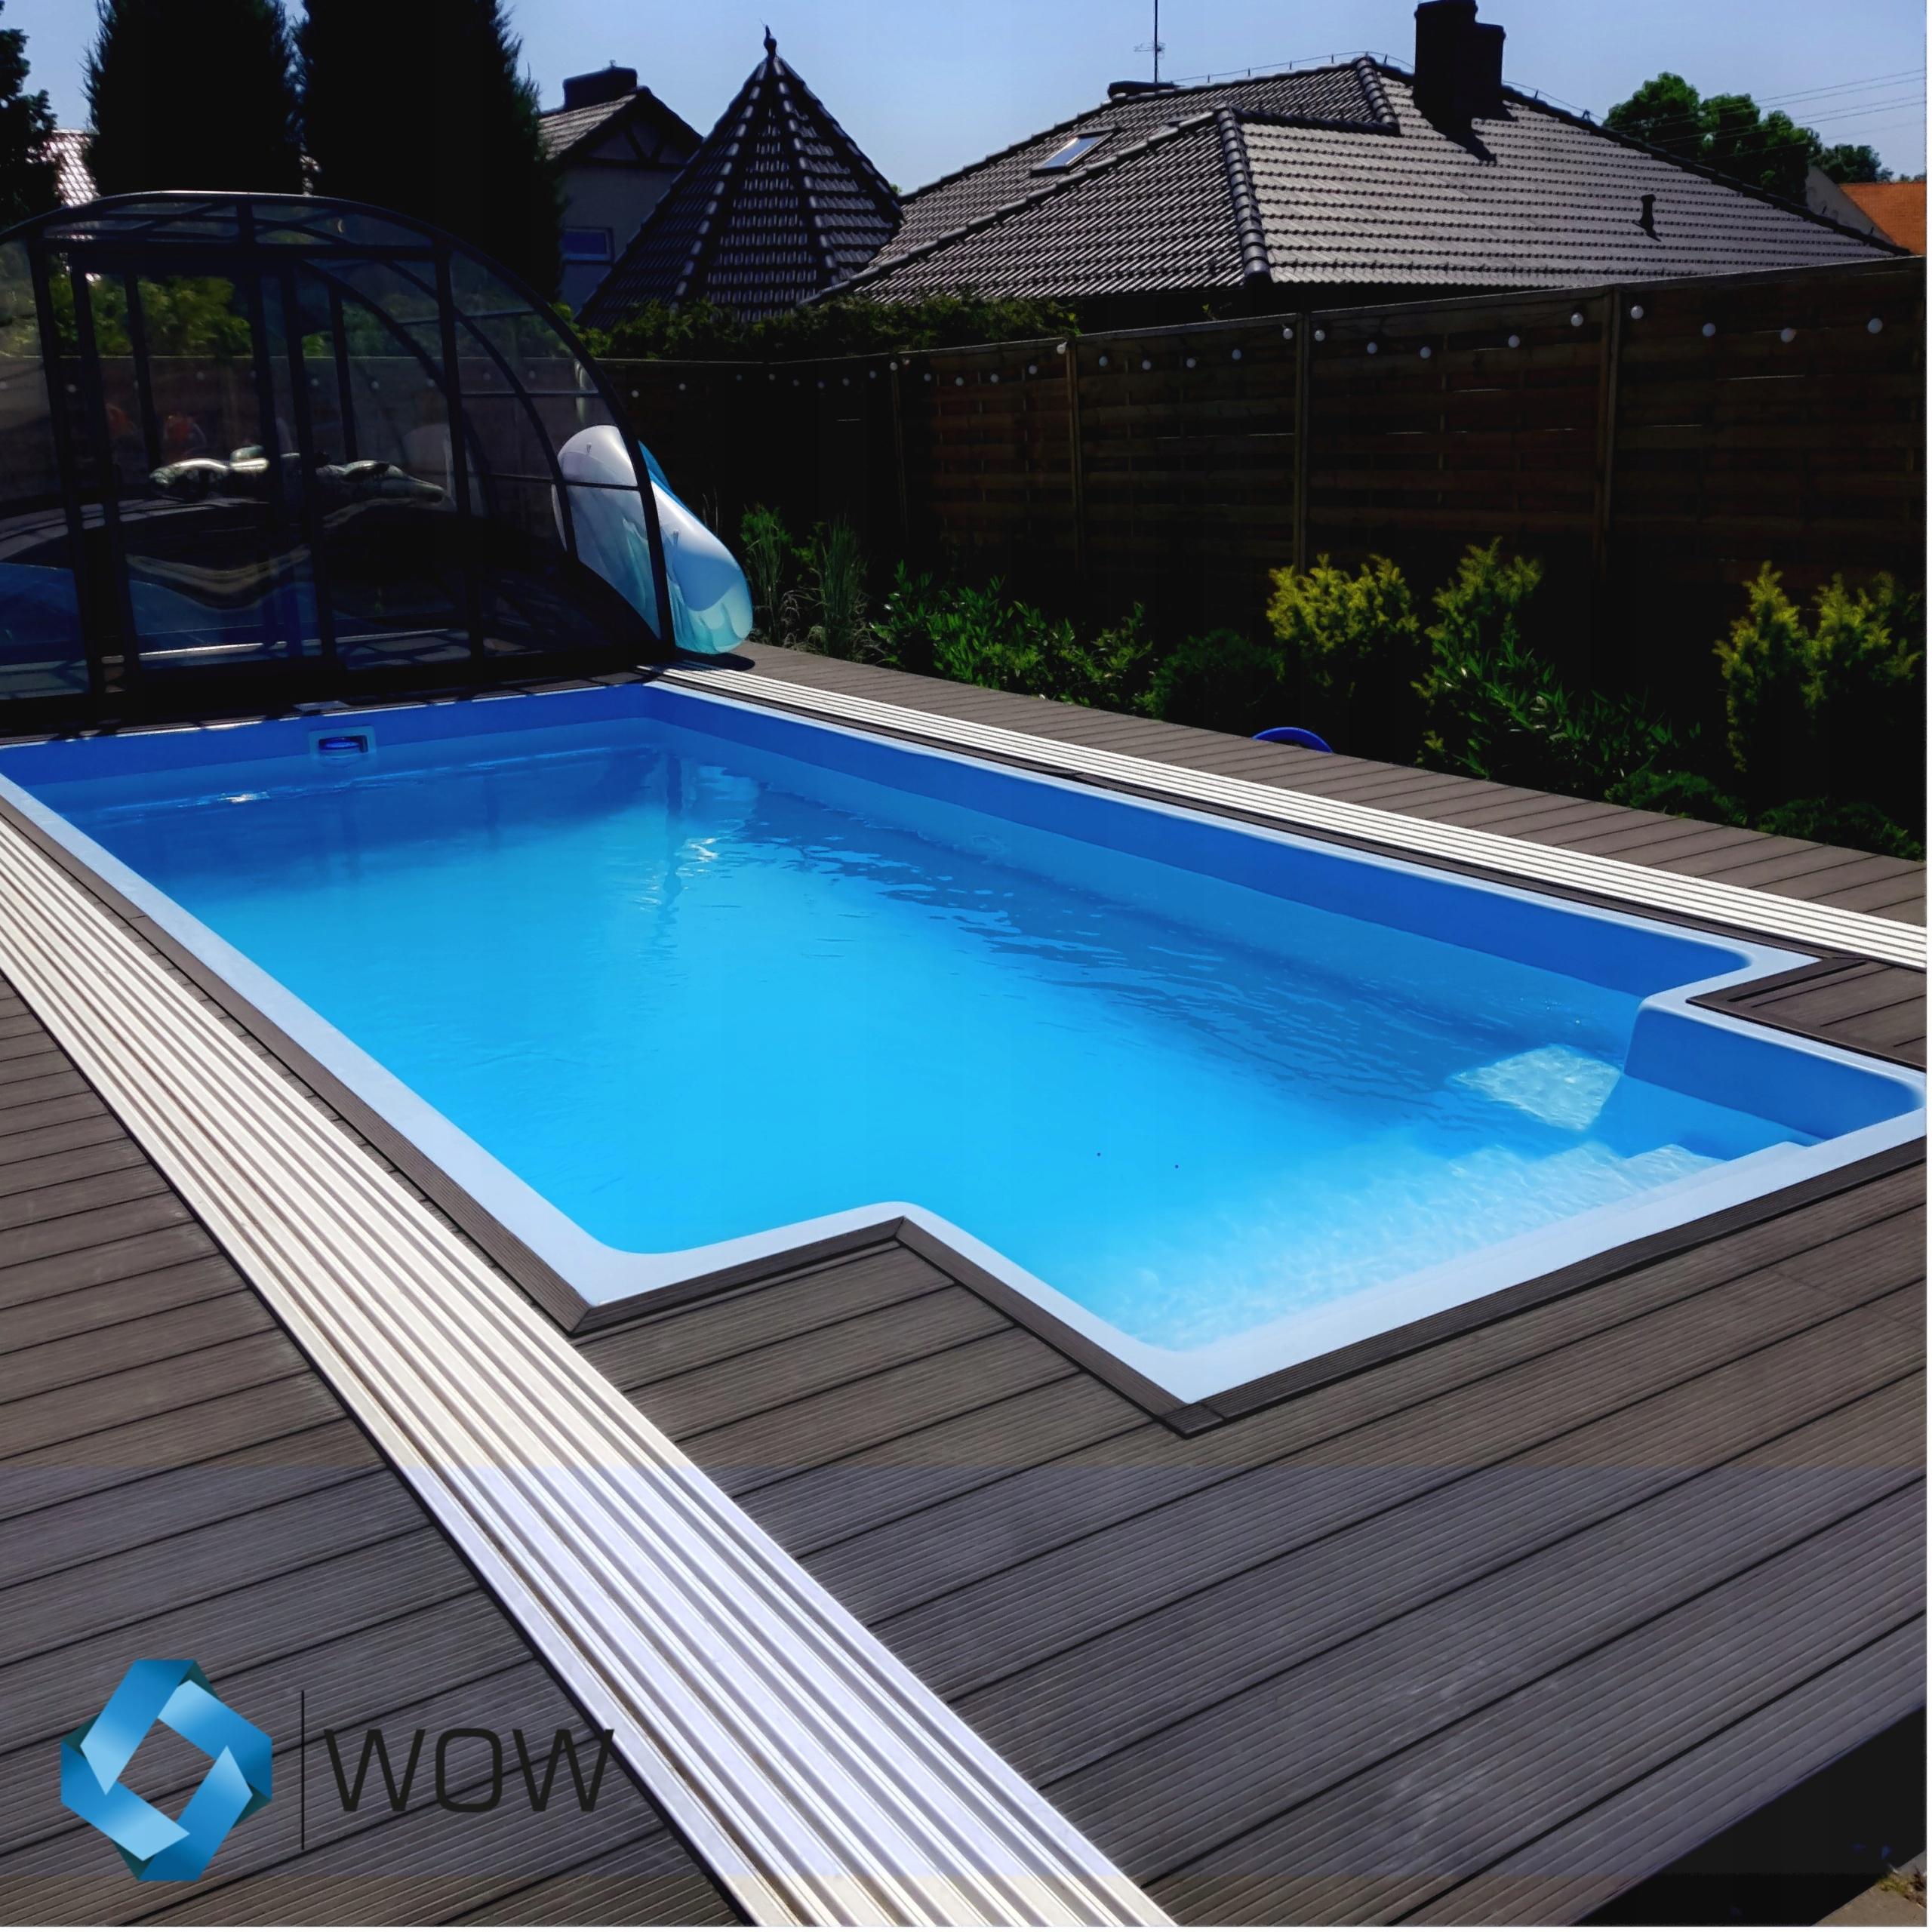 Садовый бассейн из полиэстера 720x320x155 КОМПЛЕКТ -10%